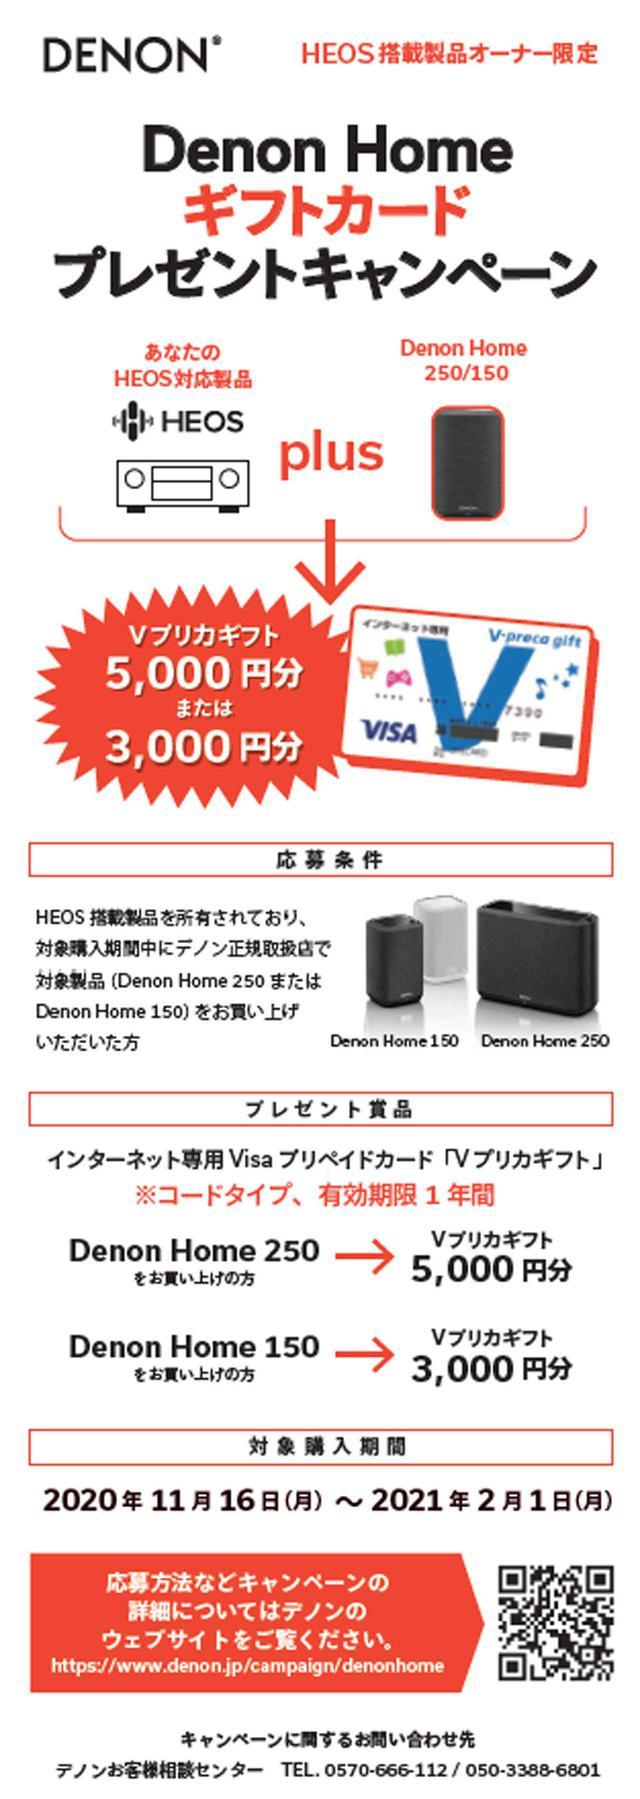 画像: デノン、HEOS搭載製品オーナー限定で、「Denon Homeギフトカードプレゼントキャンペーン」を実施。ネットワークスピーカー「Denon Home 250」または「Denon Home 150」の購入で、ギフトカードをプレゼント